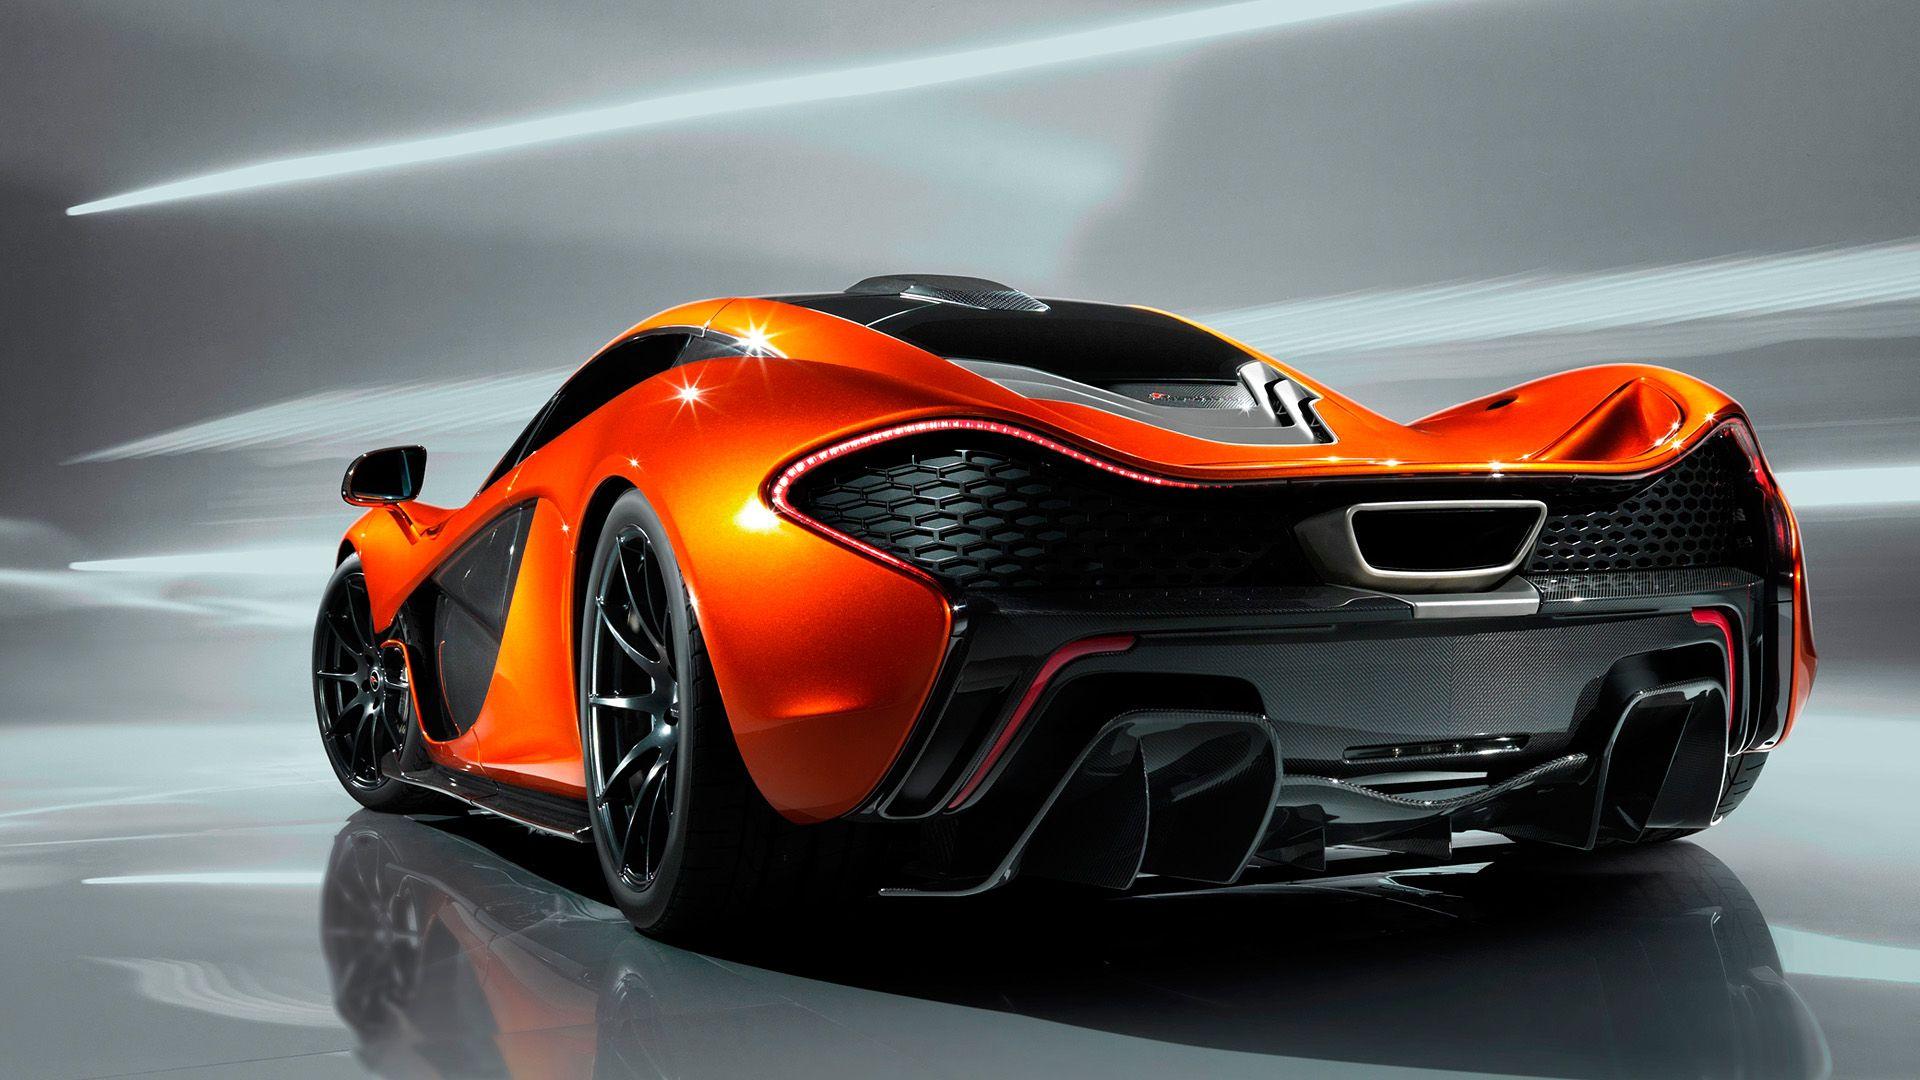 McLaren P1 Crystal City Car 2014 | Fast Cars McLaren P1 | Pinterest | Mclaren  P1 And City Car